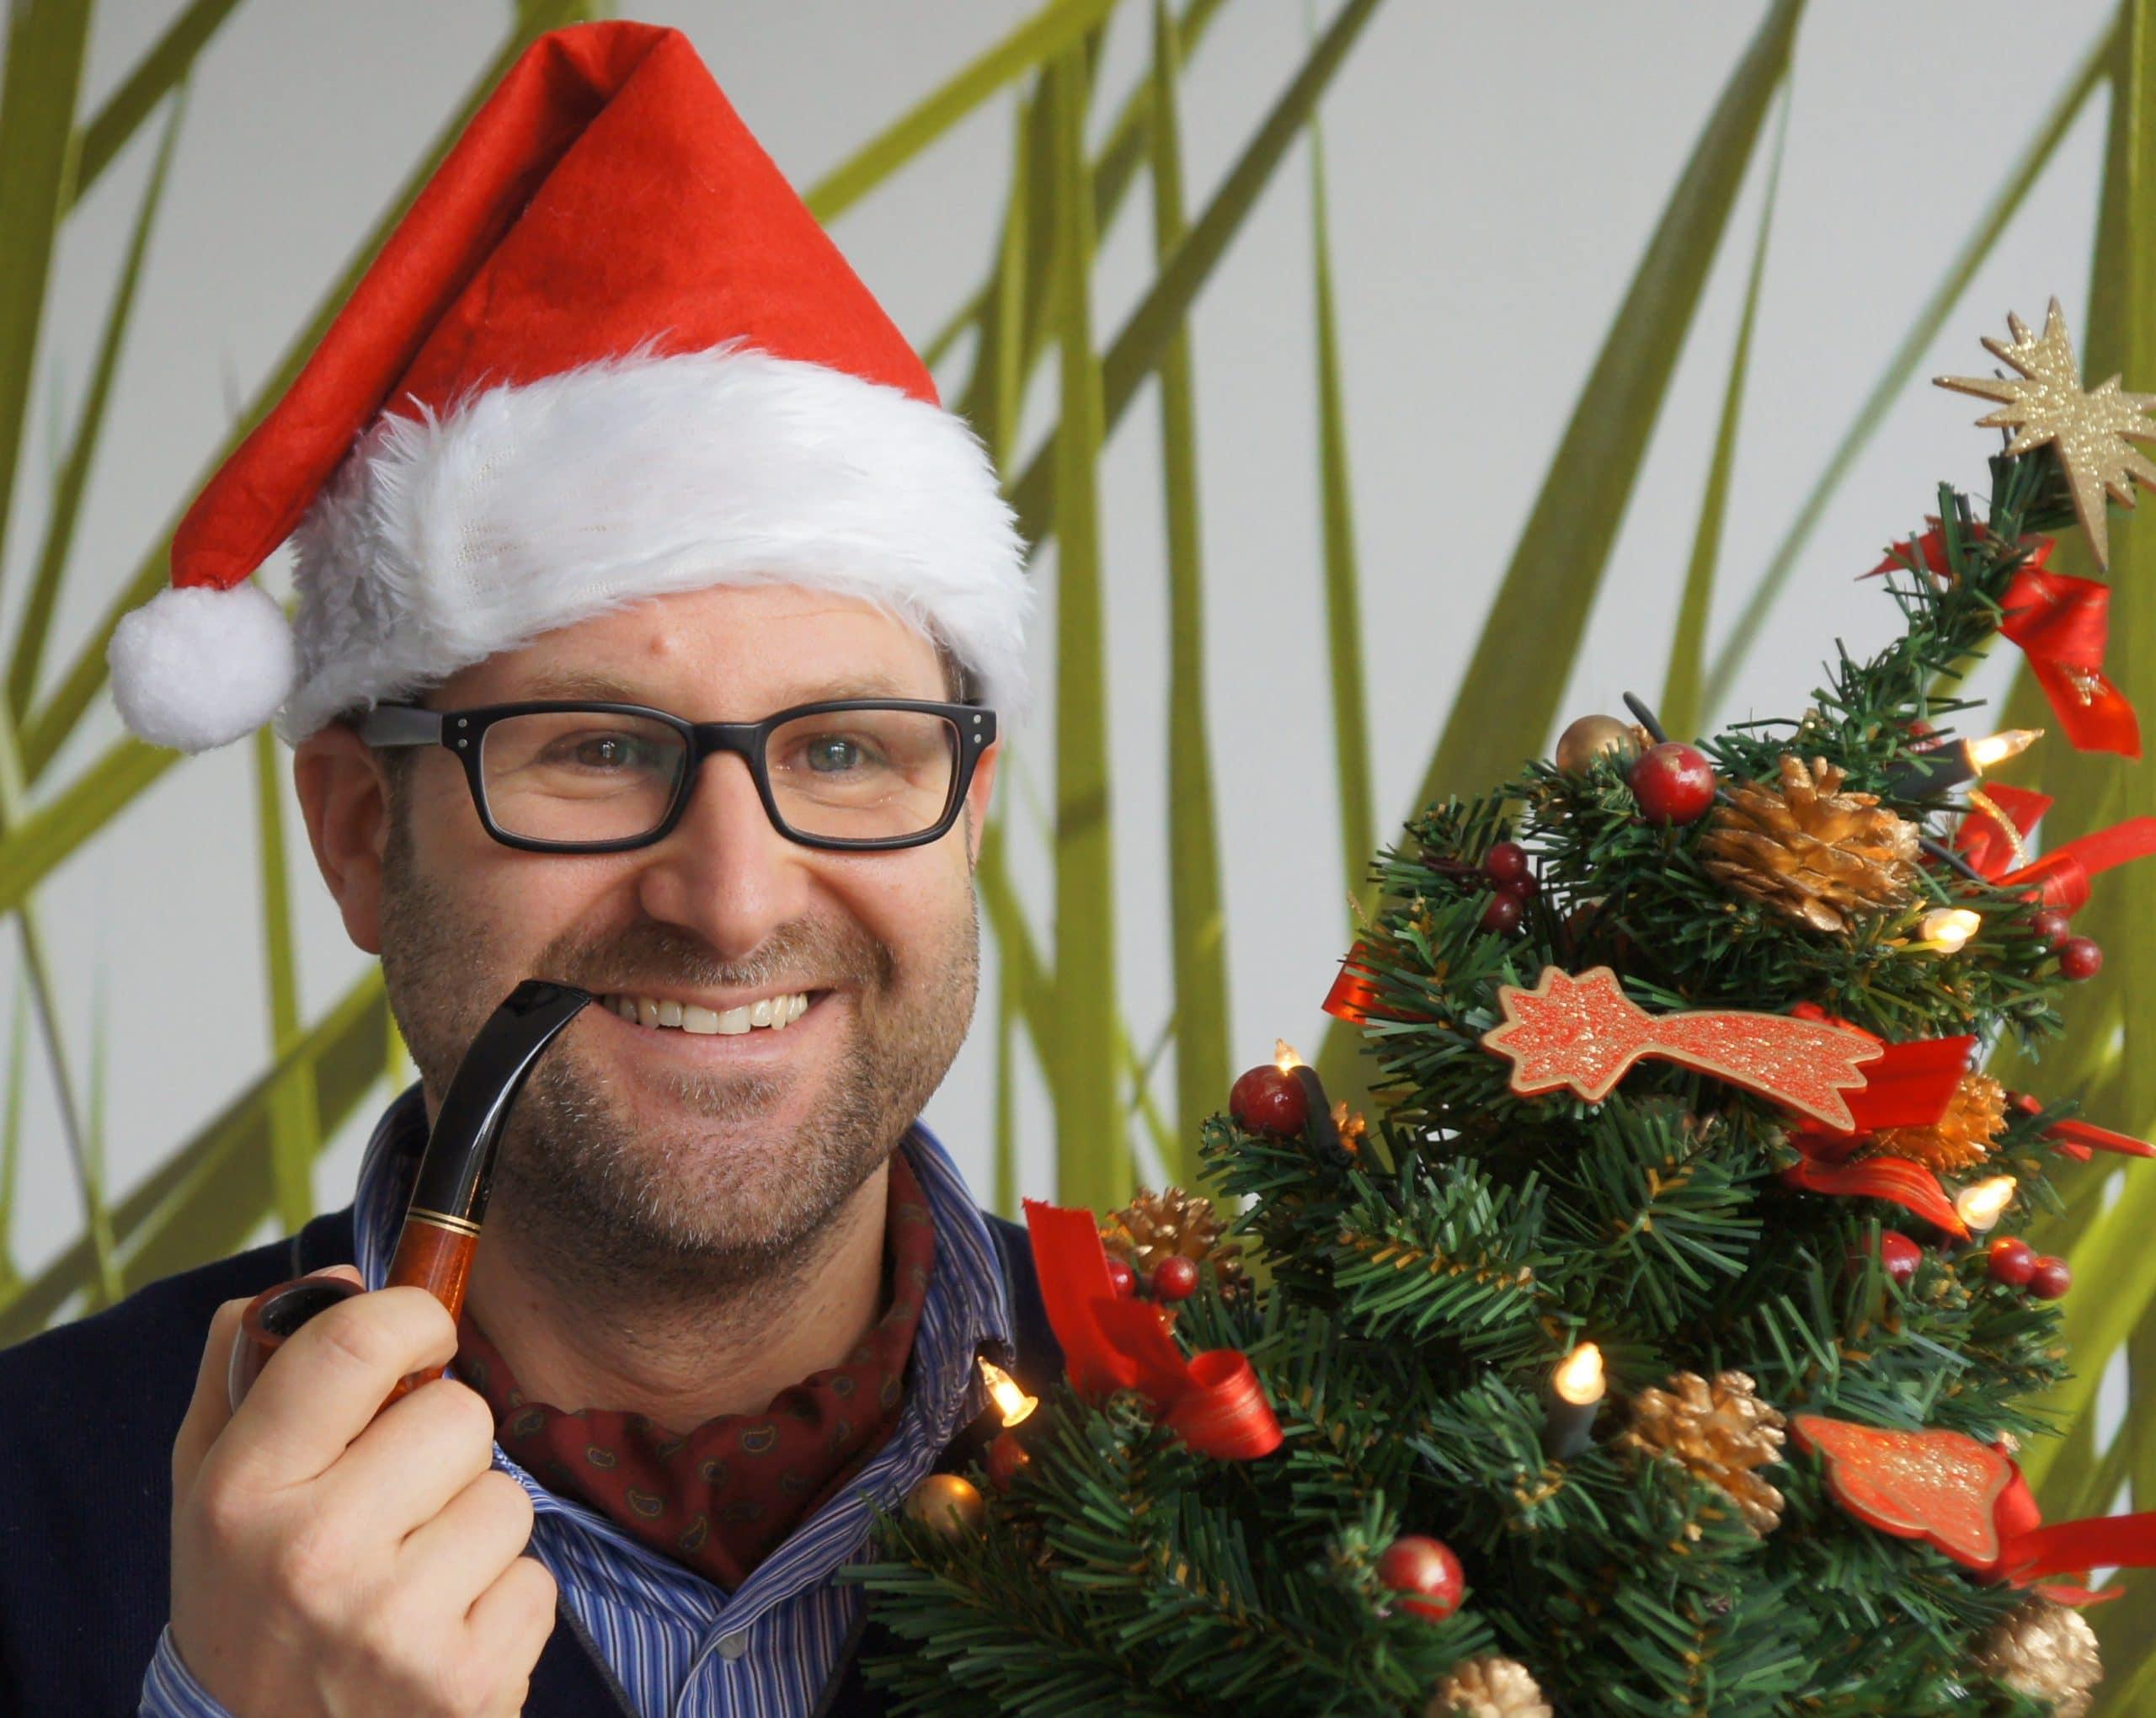 Vielen lieben Dank an meine Leser für ein großartiges Blog-Jahr 2012! Ich wünsche Euch wunderschöne Weihnachten mit der Familie, besinnliche Feiertage mit viel leckerem Essen und einen guten Rutsch in ein neues, gesundes und erfolgreiches Jahr.